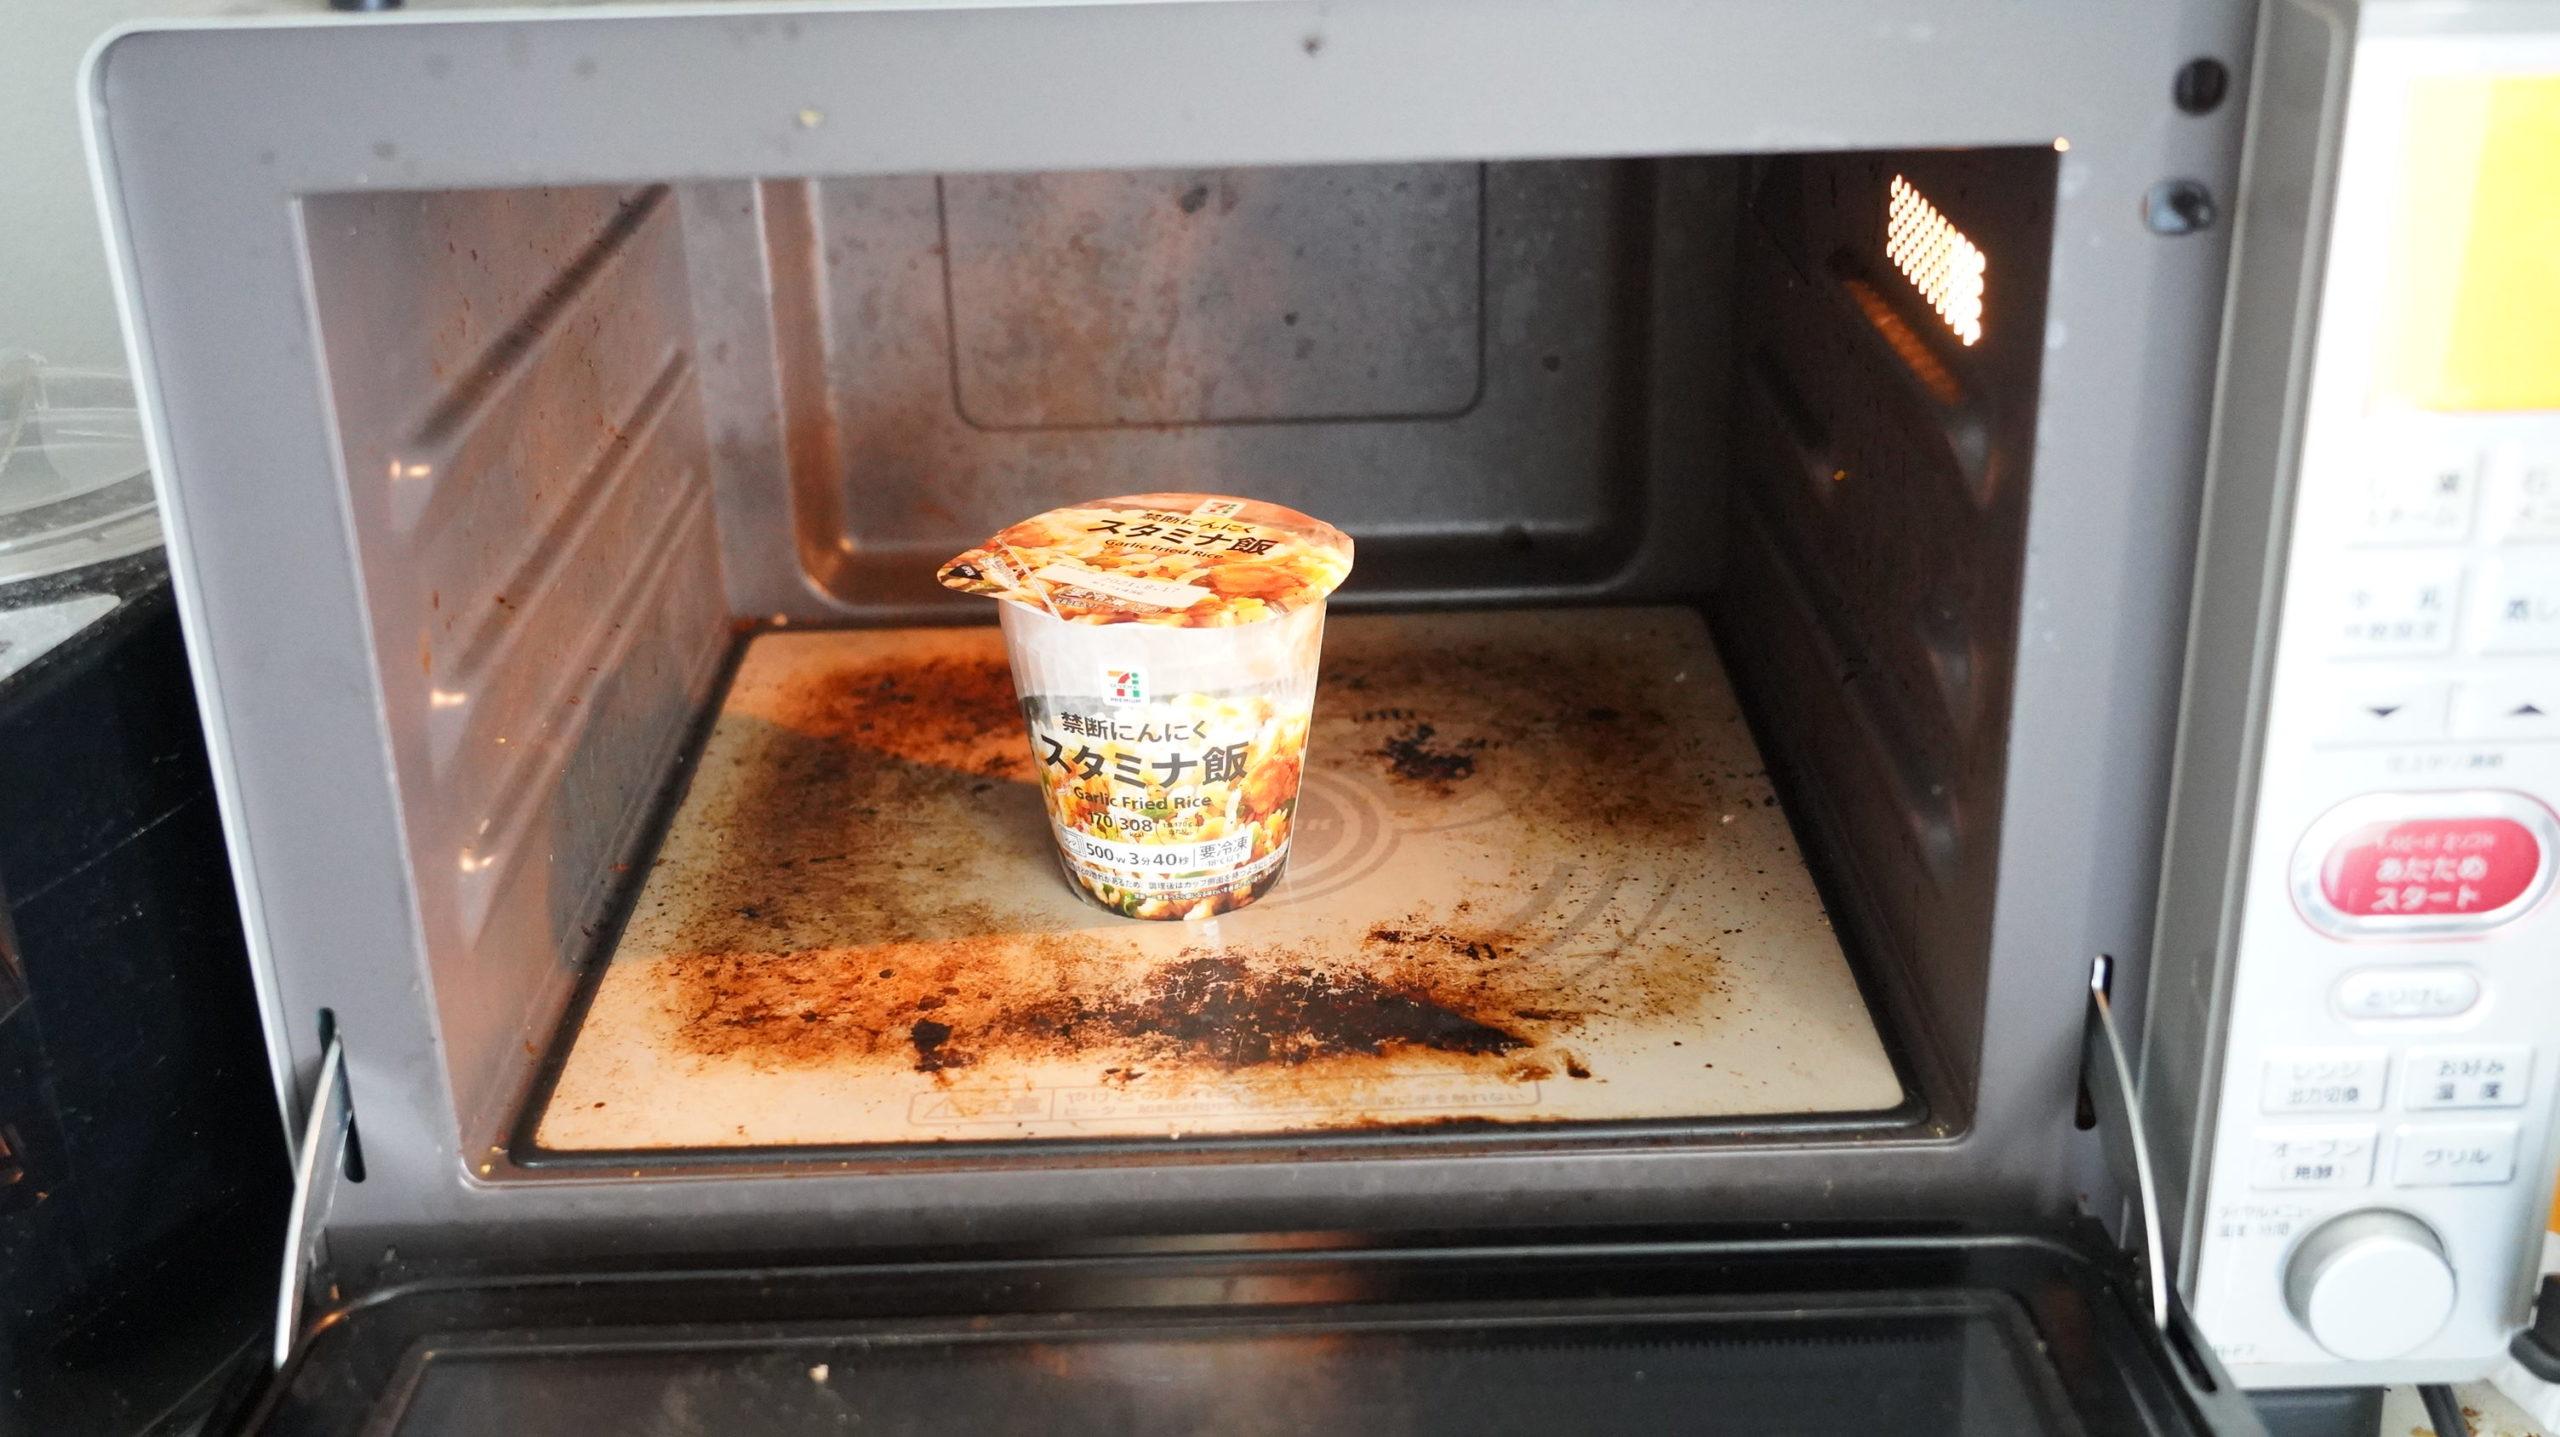 セブンイレブンの冷凍食品「禁断にんにくスタミナ飯」を電子レンジで加熱している写真